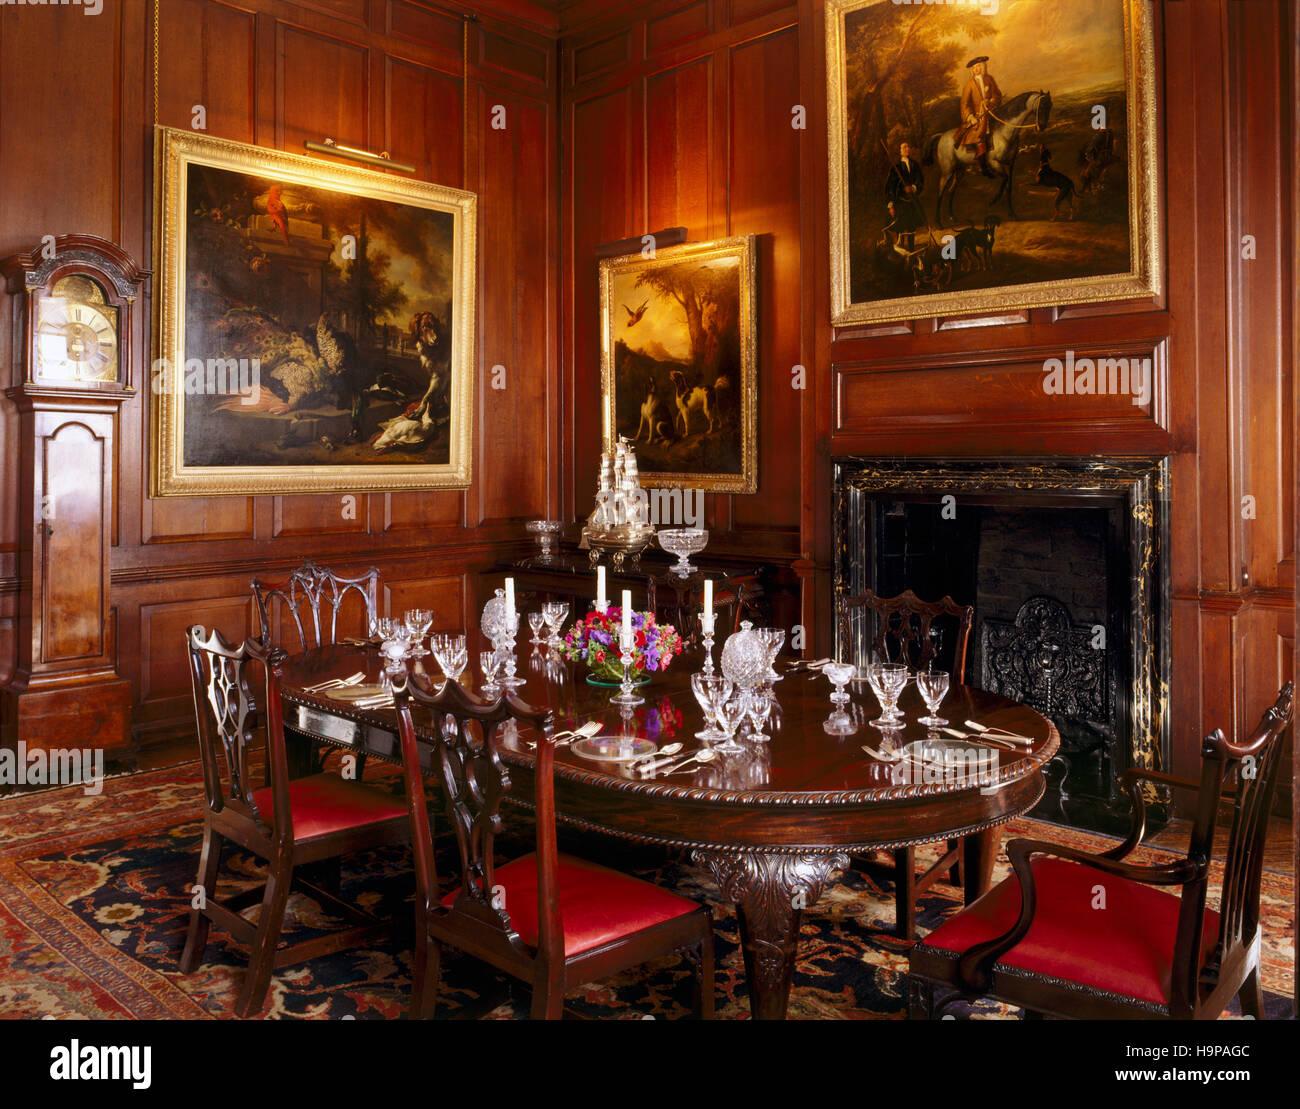 Camera con vista della sala da pranzo a Antony House che mostra il tavolo da pranzo, sedie Chippendale, noce longcase Immagini Stock